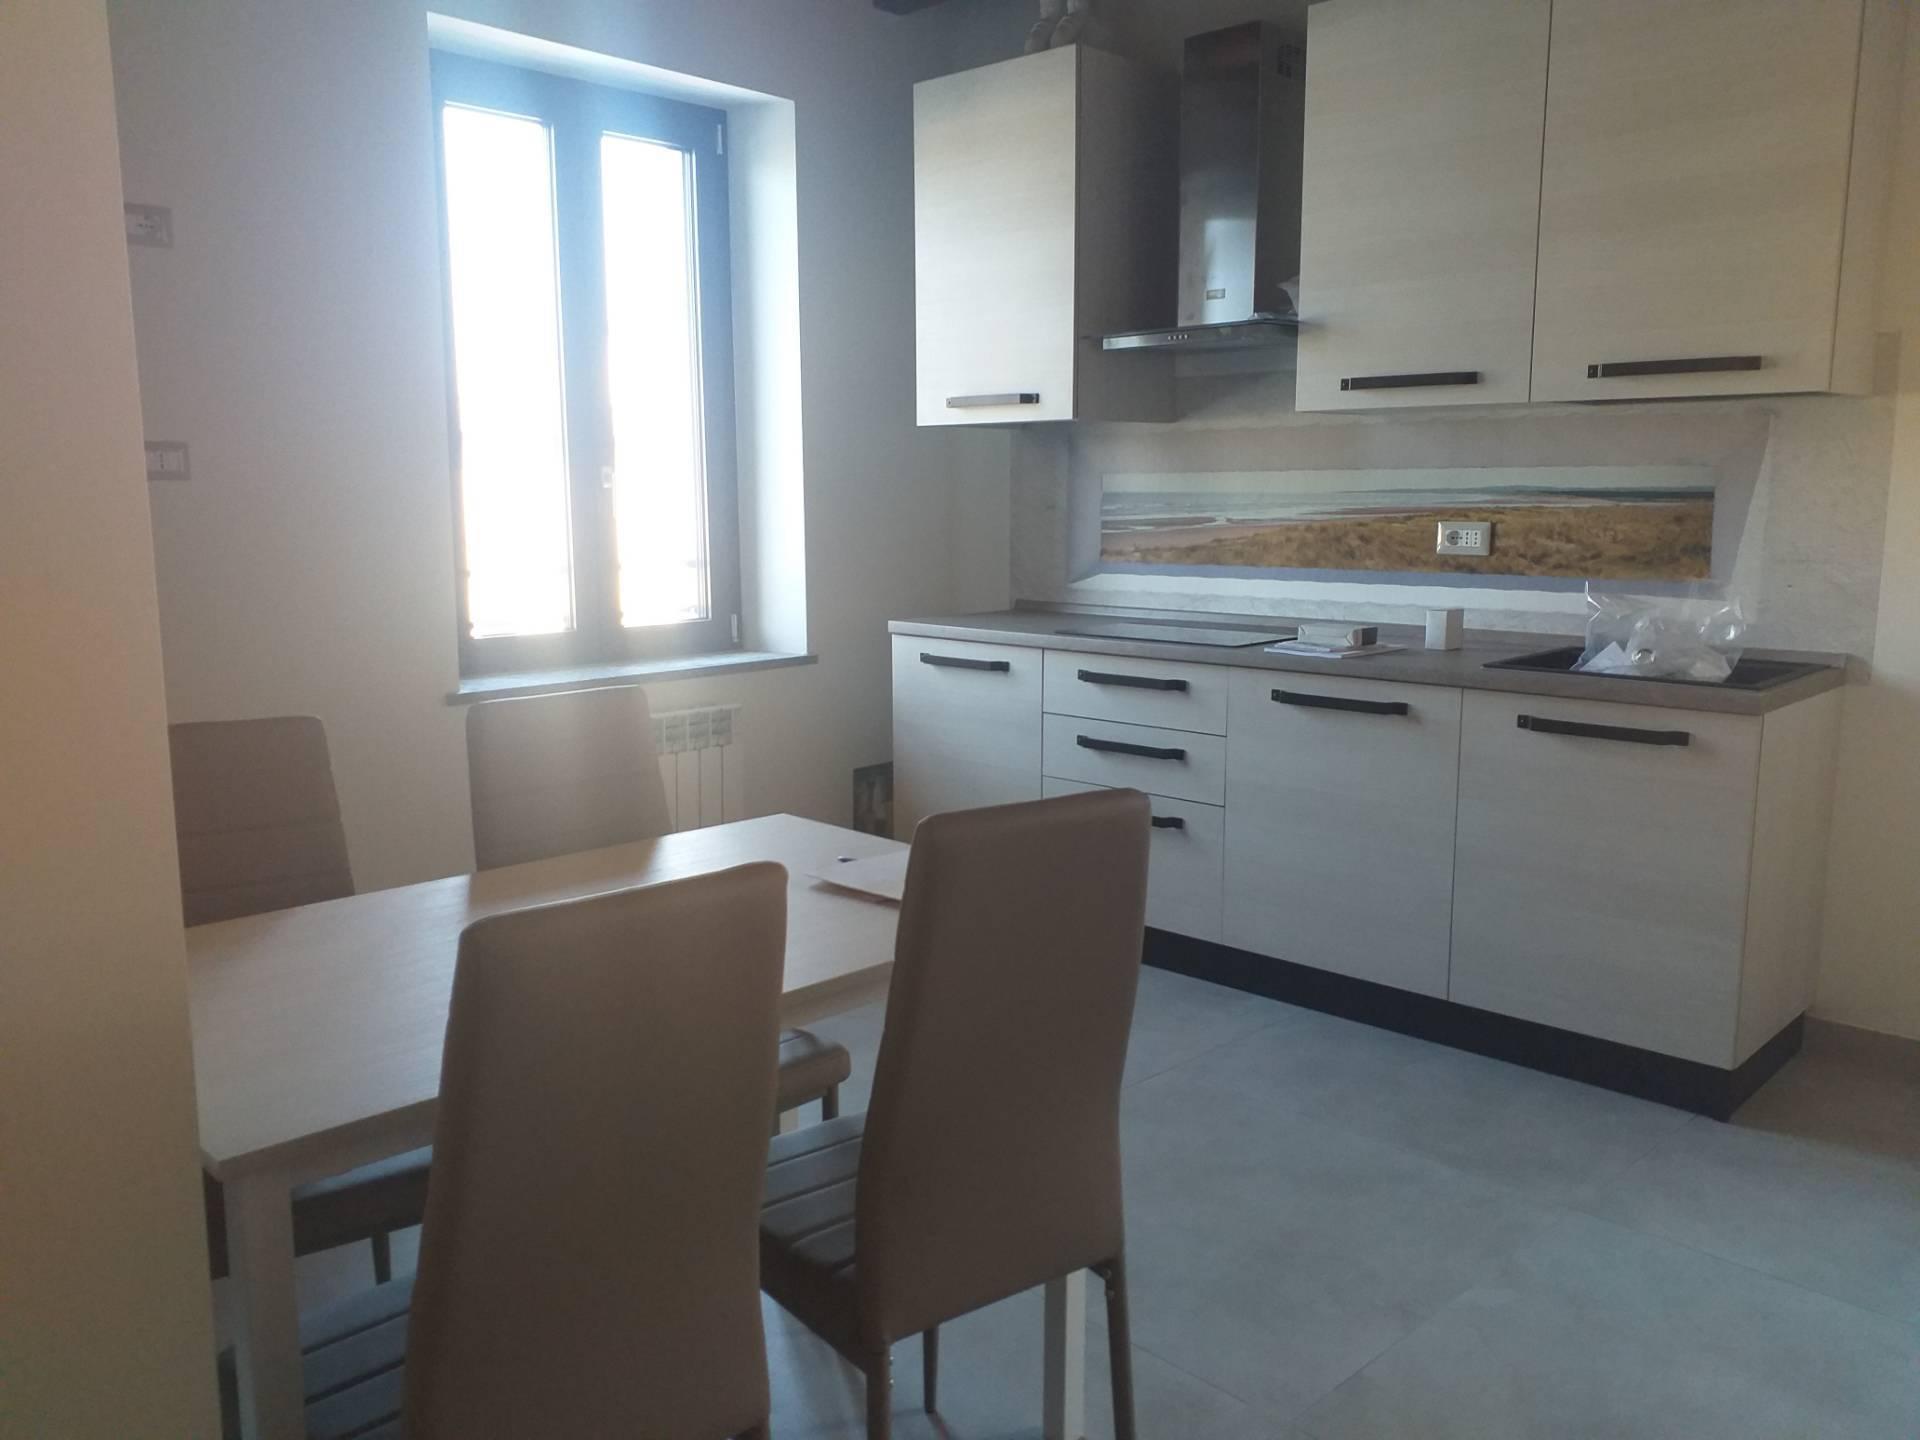 Appartamento in affitto a Casarile, 1 locali, prezzo € 550   CambioCasa.it